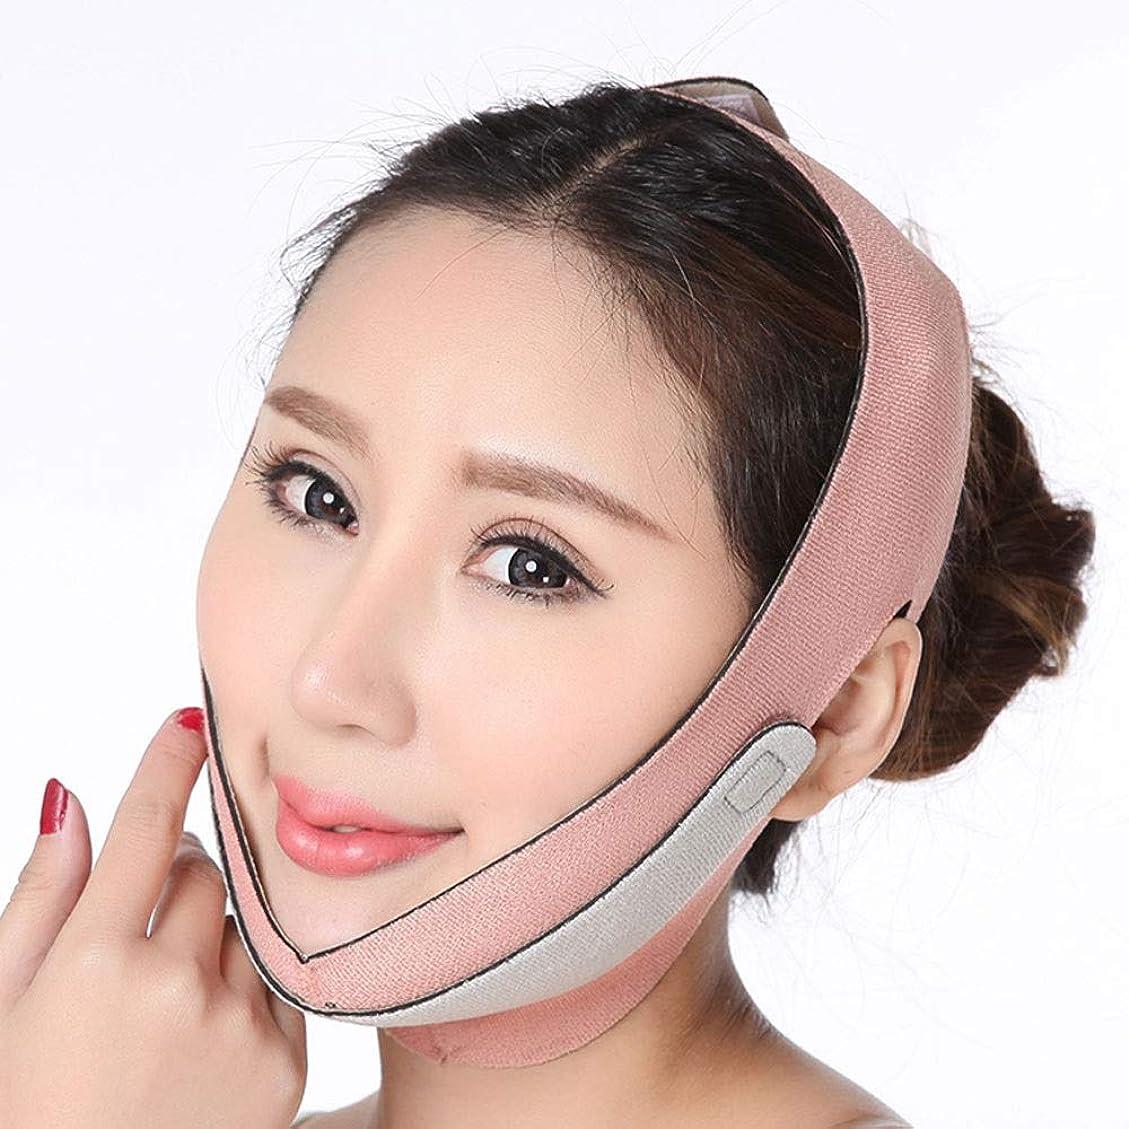 外部光広まったJia Jia- シンフェイス包帯シンフェイスマスクフェイスリフトアーティファクトレイズVフェイスシンフェイスフェイスリフティング美容マスク小フェイス包帯 顔面包帯 (色 : A)